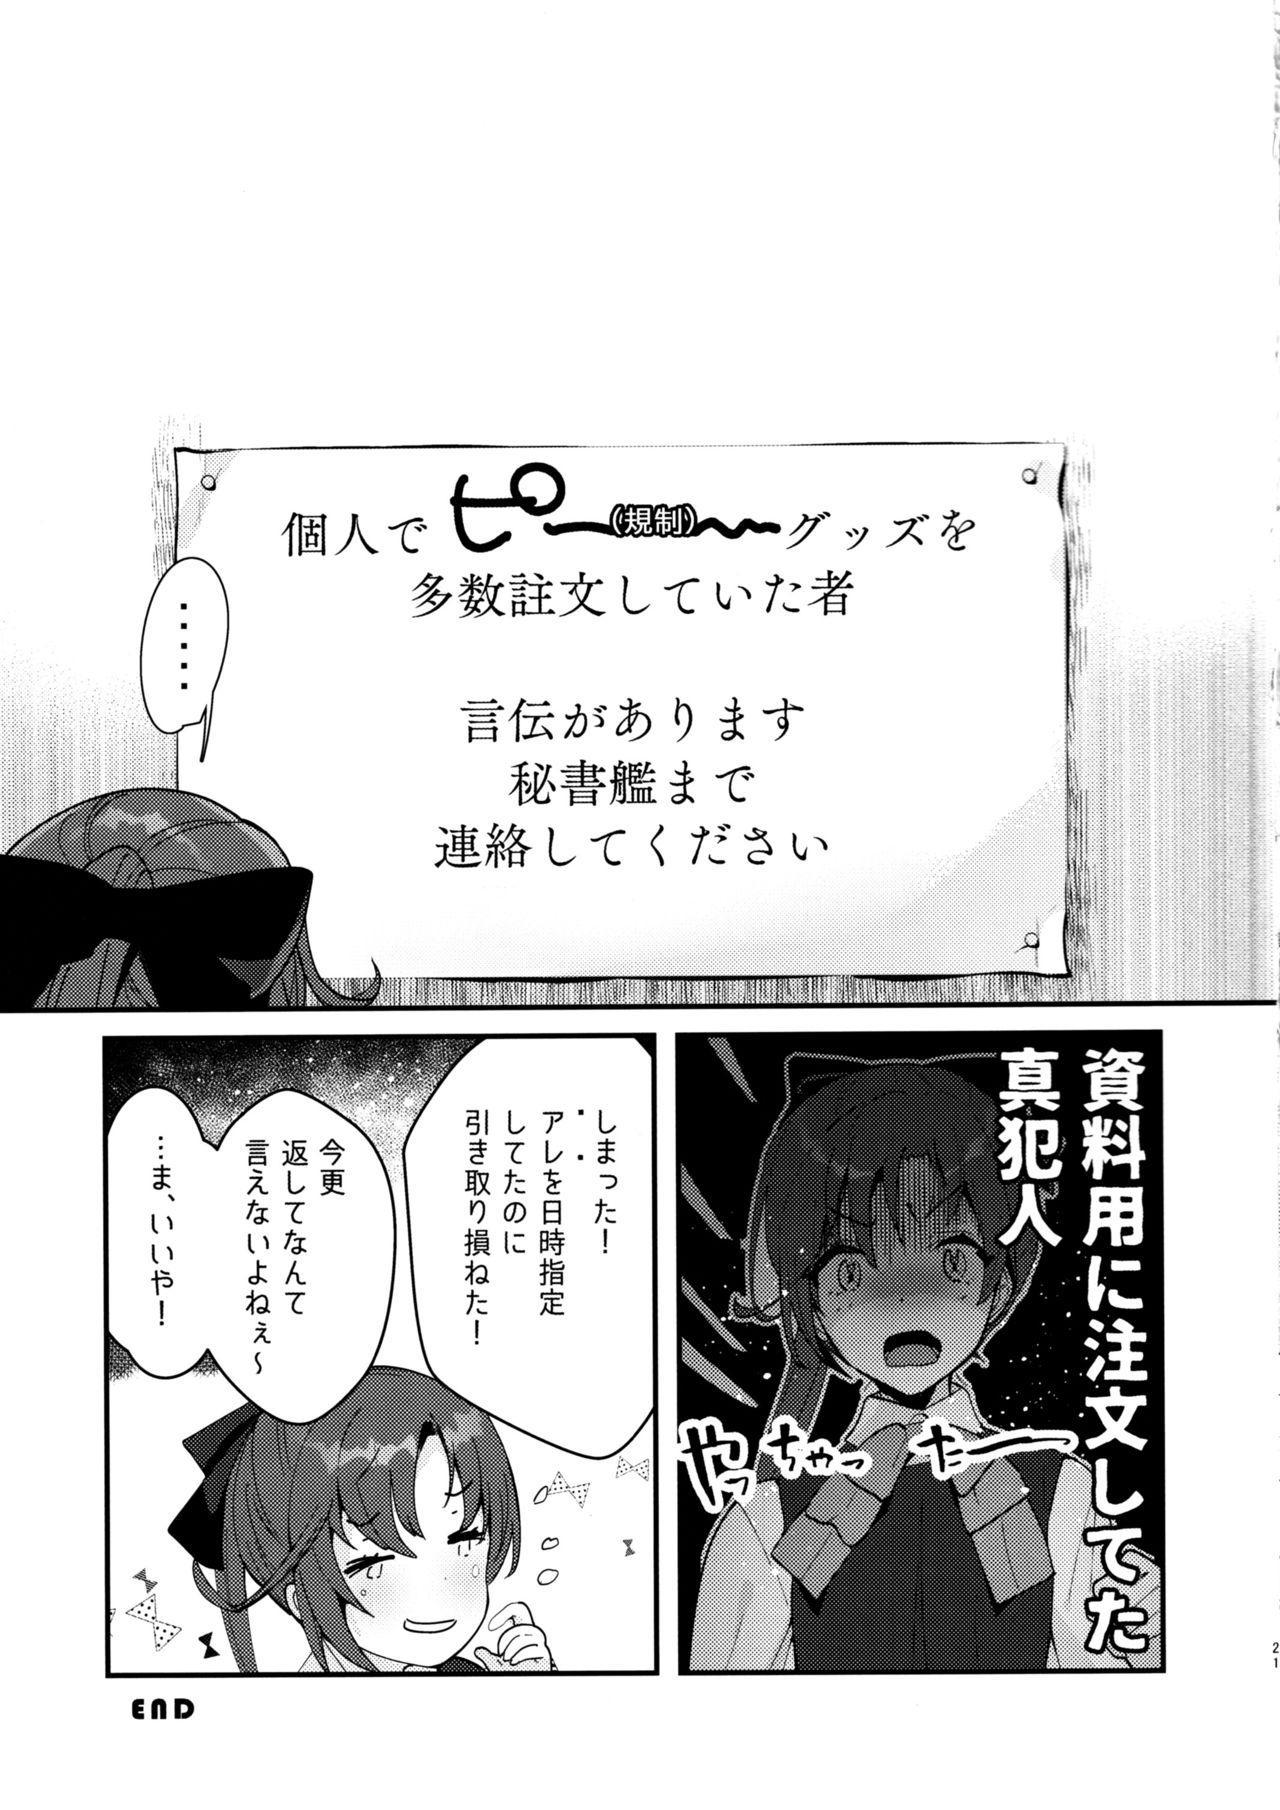 Binkan Takao Omocha Review Shite Miru? 19